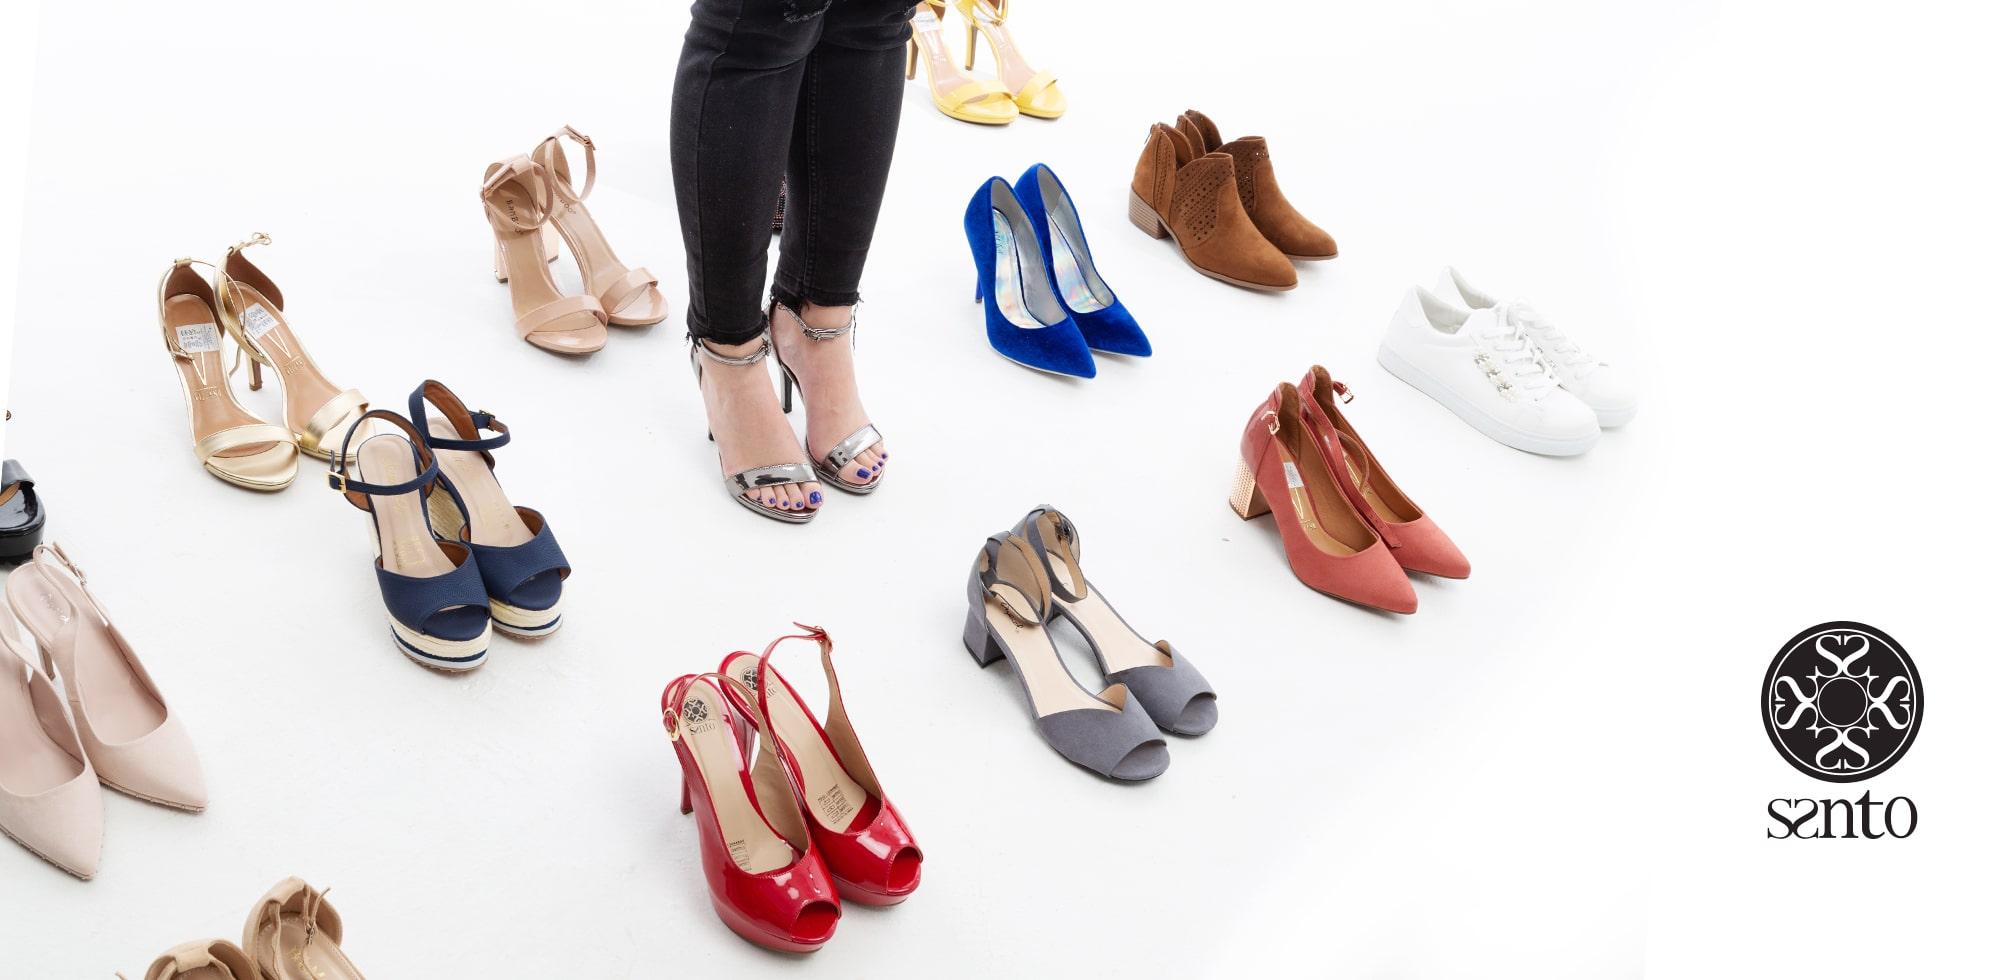 b19983eb ... calzado 2019, para acompañar tú día a día y ocasiones especiales en el  nuevo año con un look renovado. ¡Mira cuáles son los zapatos de moda para  mujer ...